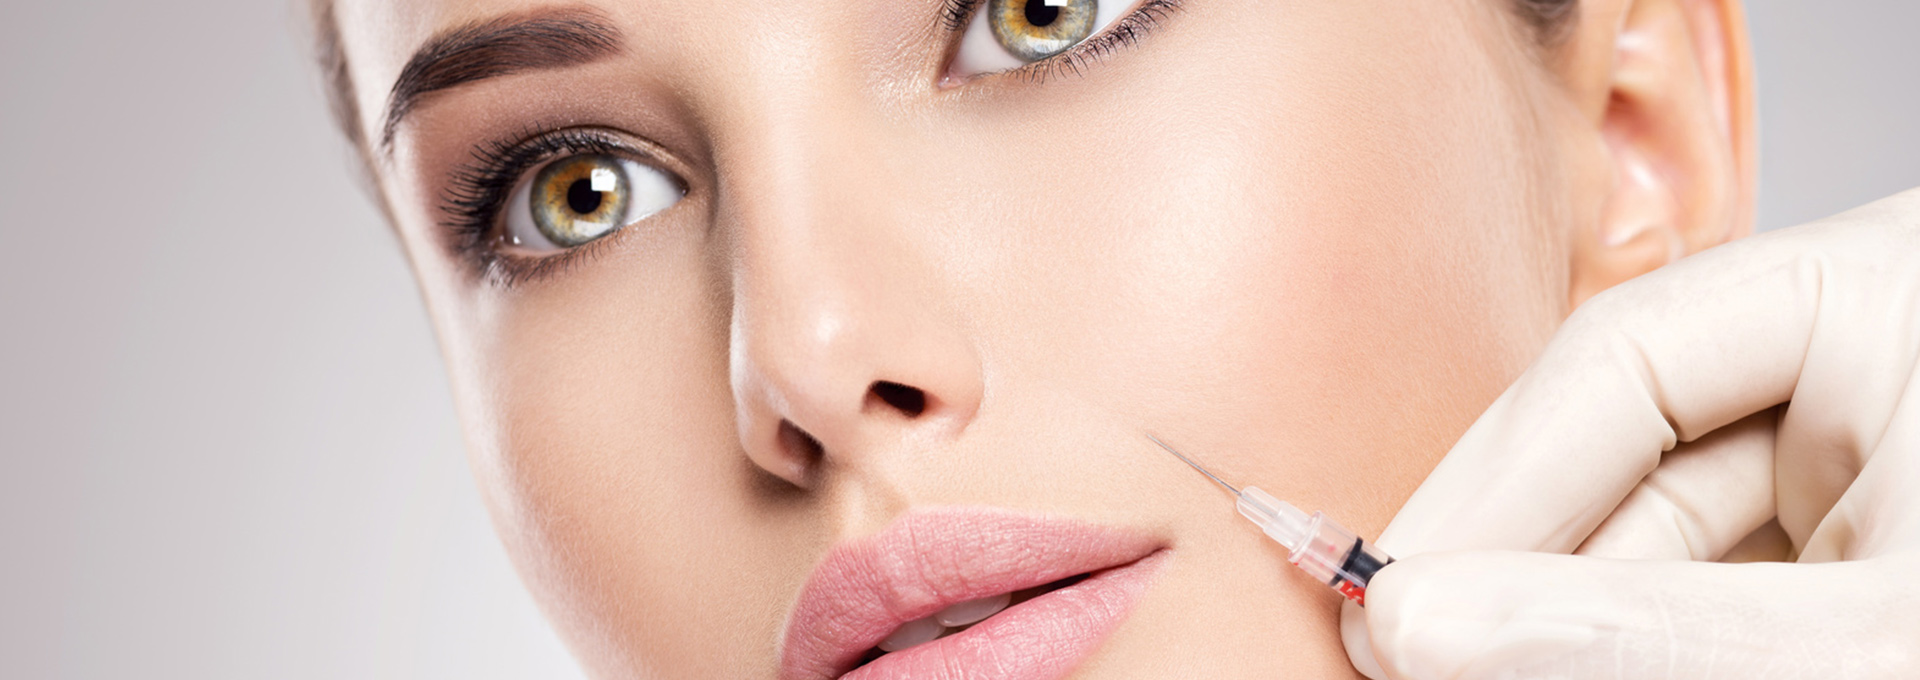 Kosmetik-Stolberg-Hameln-Gutschein-Medical